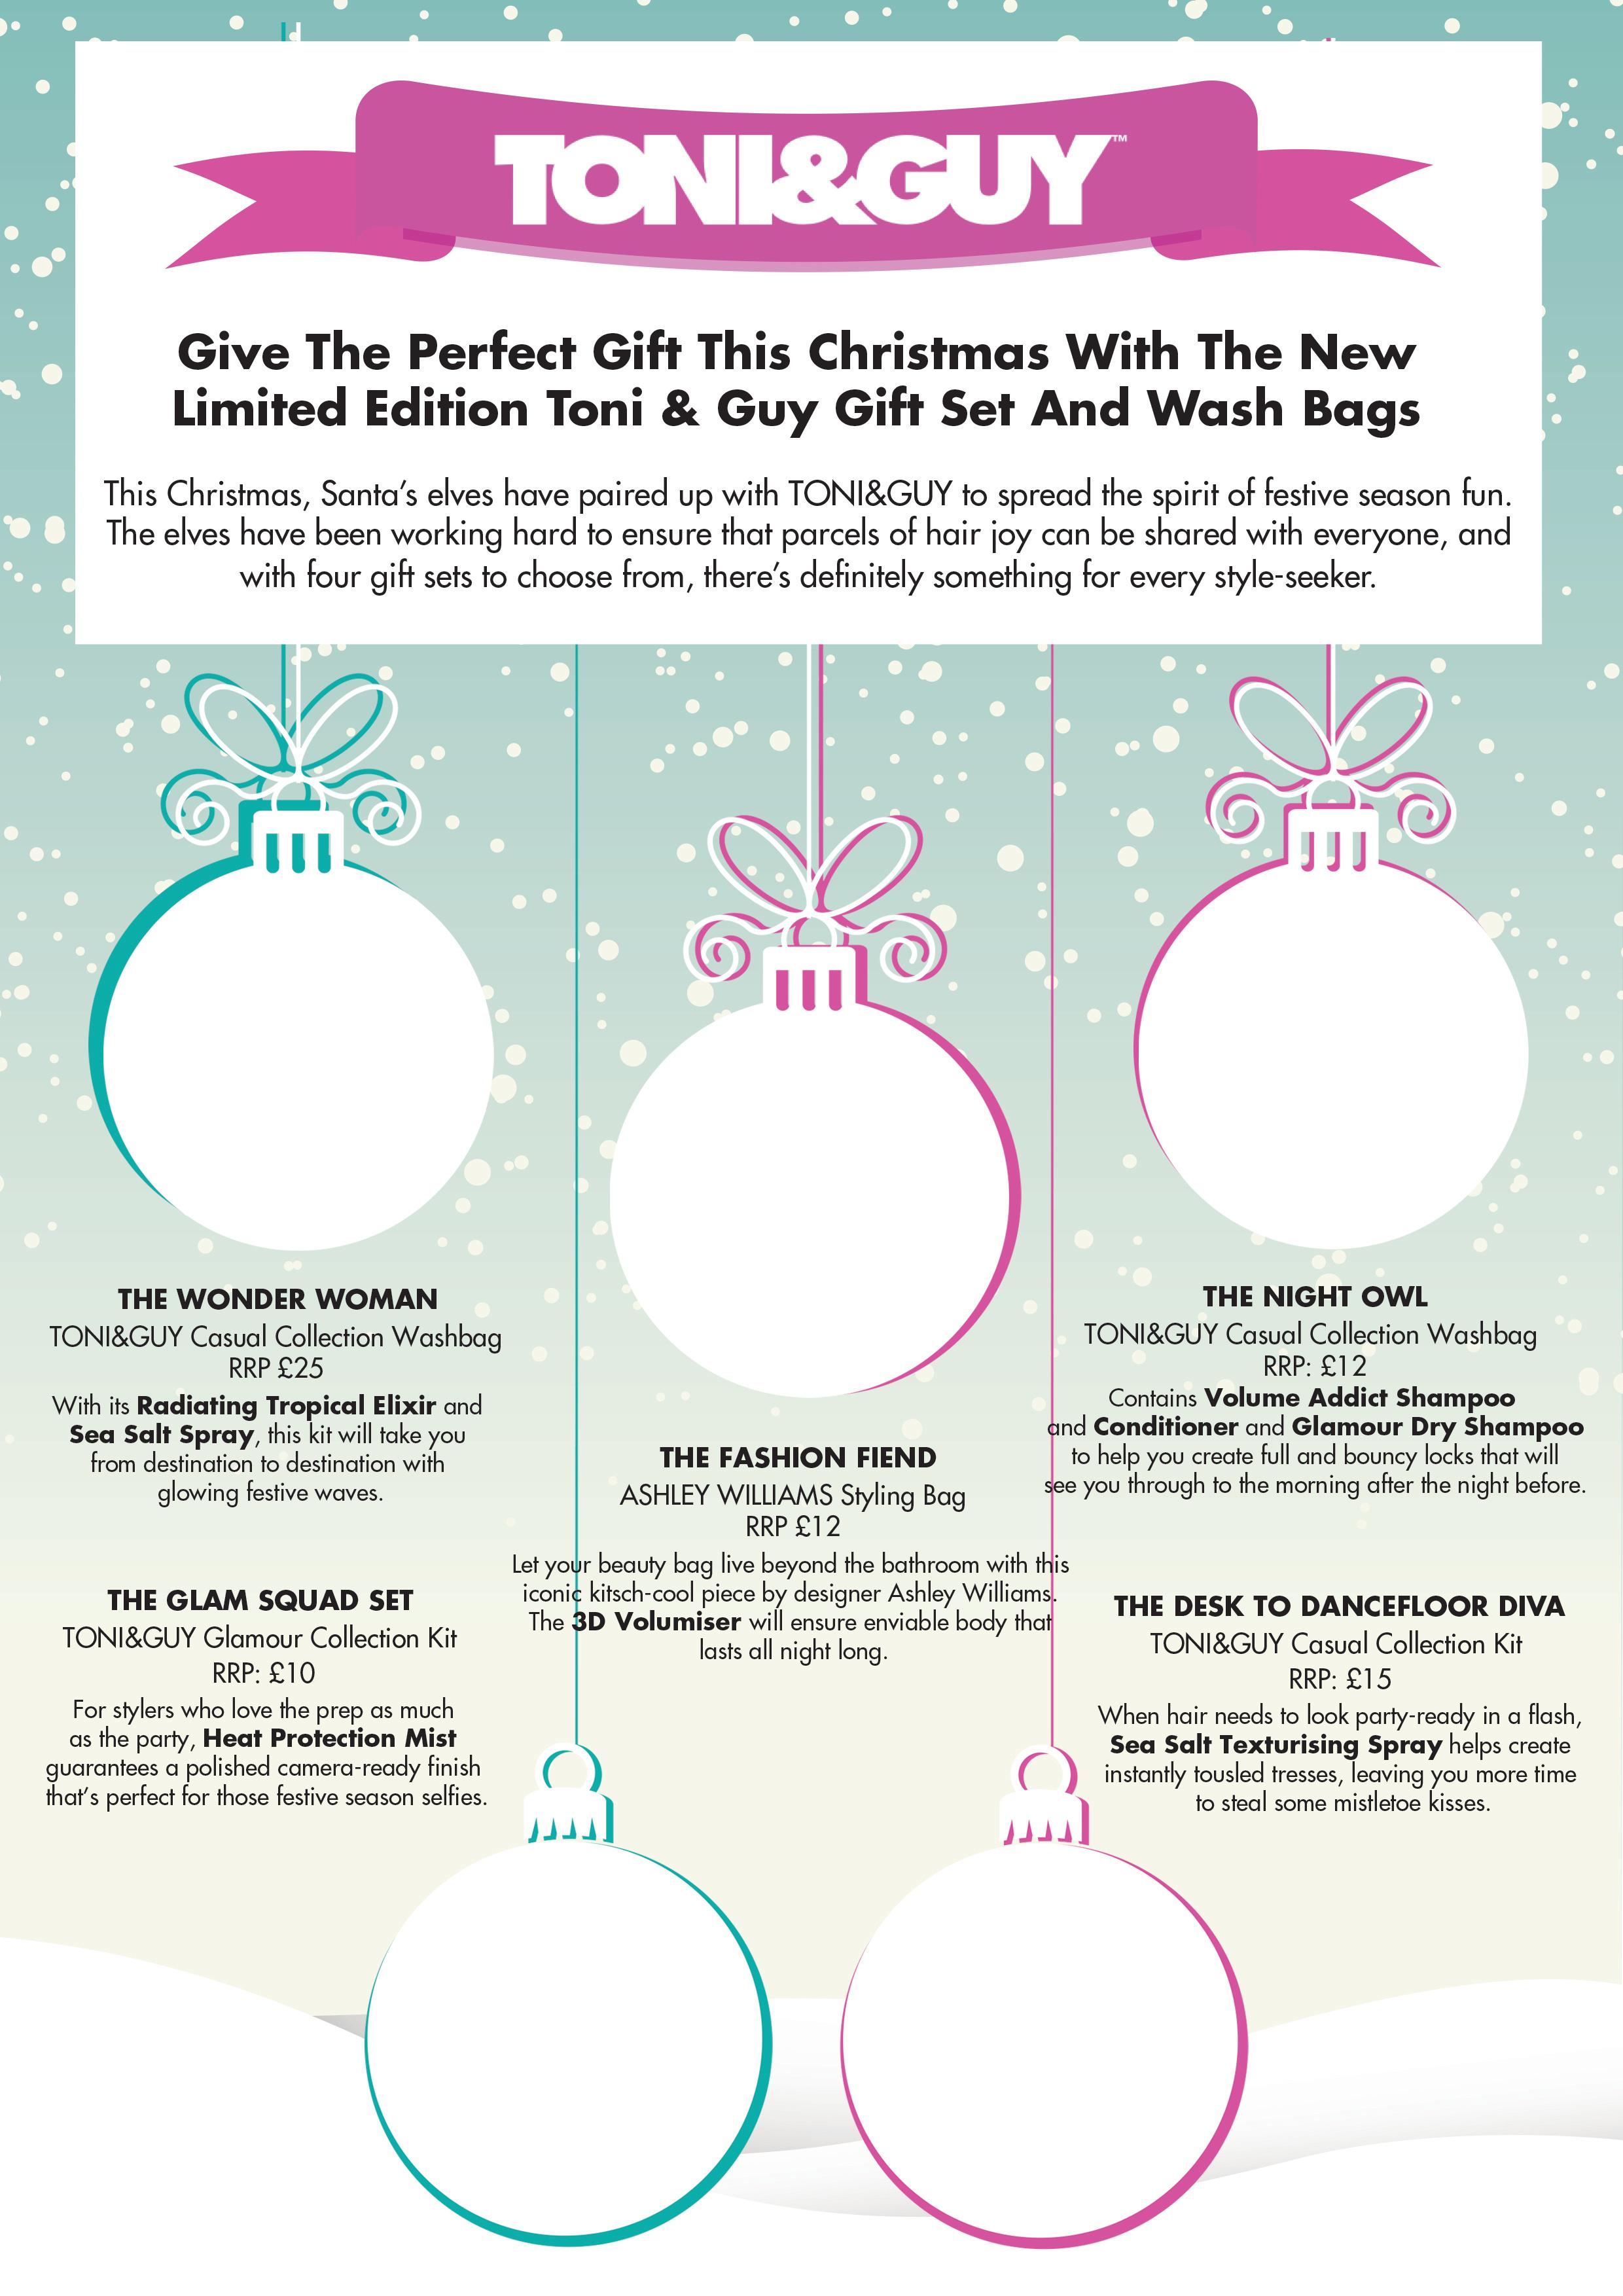 TONI&GUY Christmas brochure template